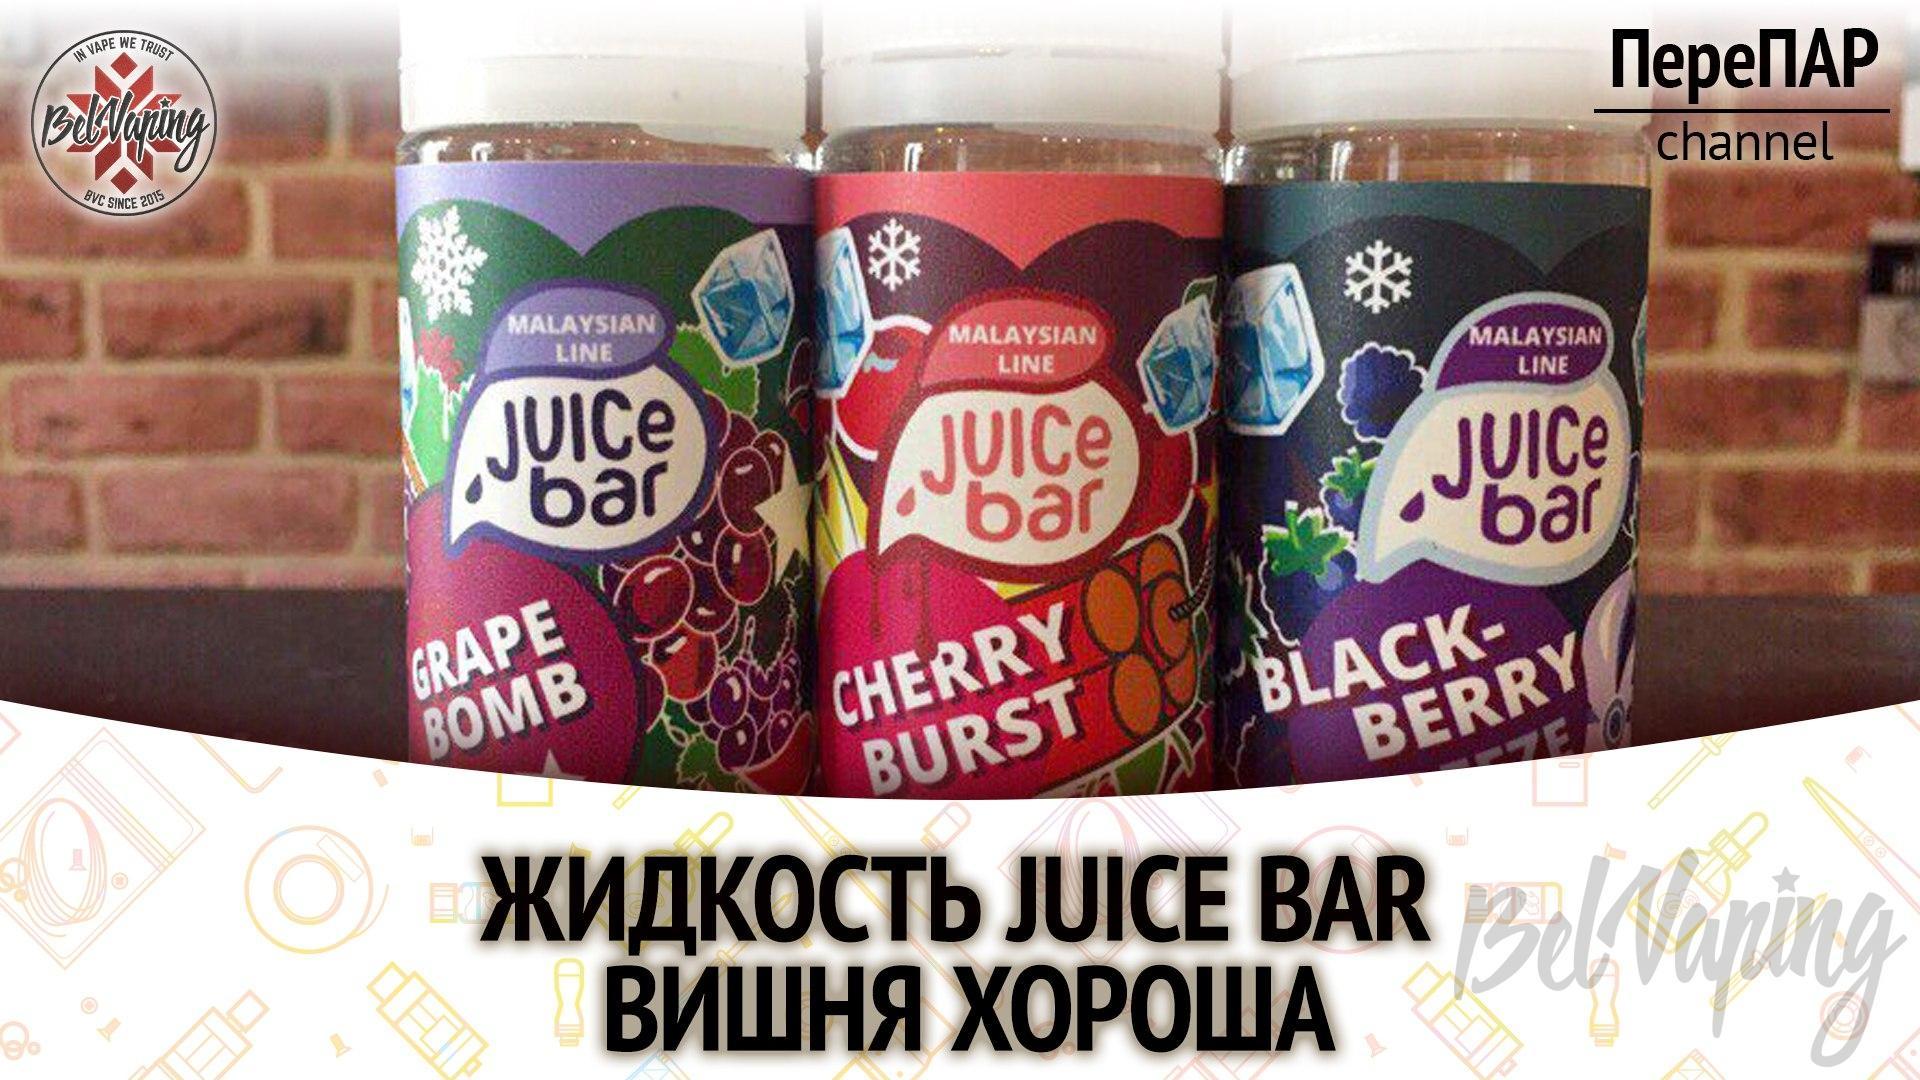 Жидкость Juice Bar